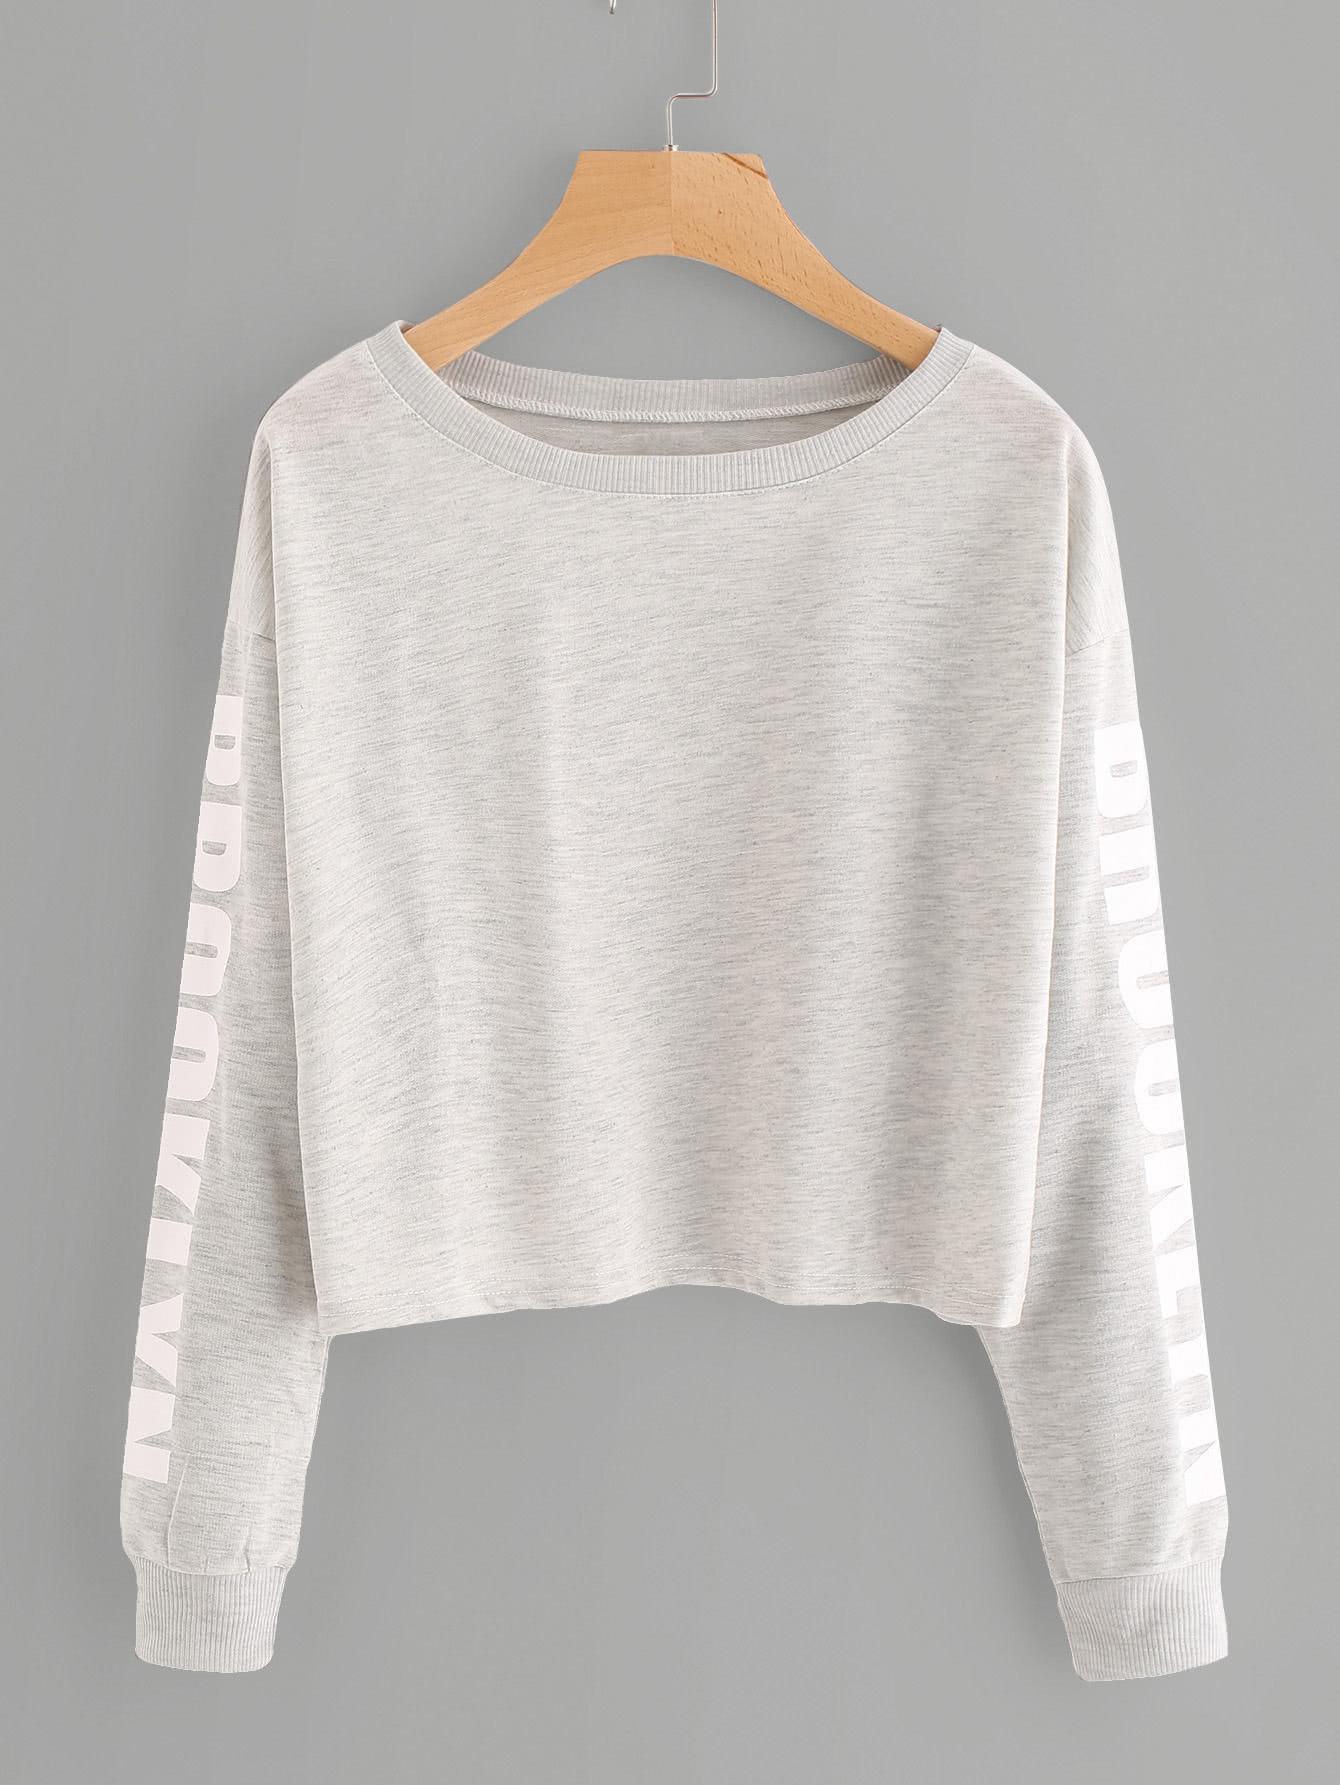 Drop Shoulder Letter Print Marled Crop Sweatshirt drop shoulder letter print sweatshirt